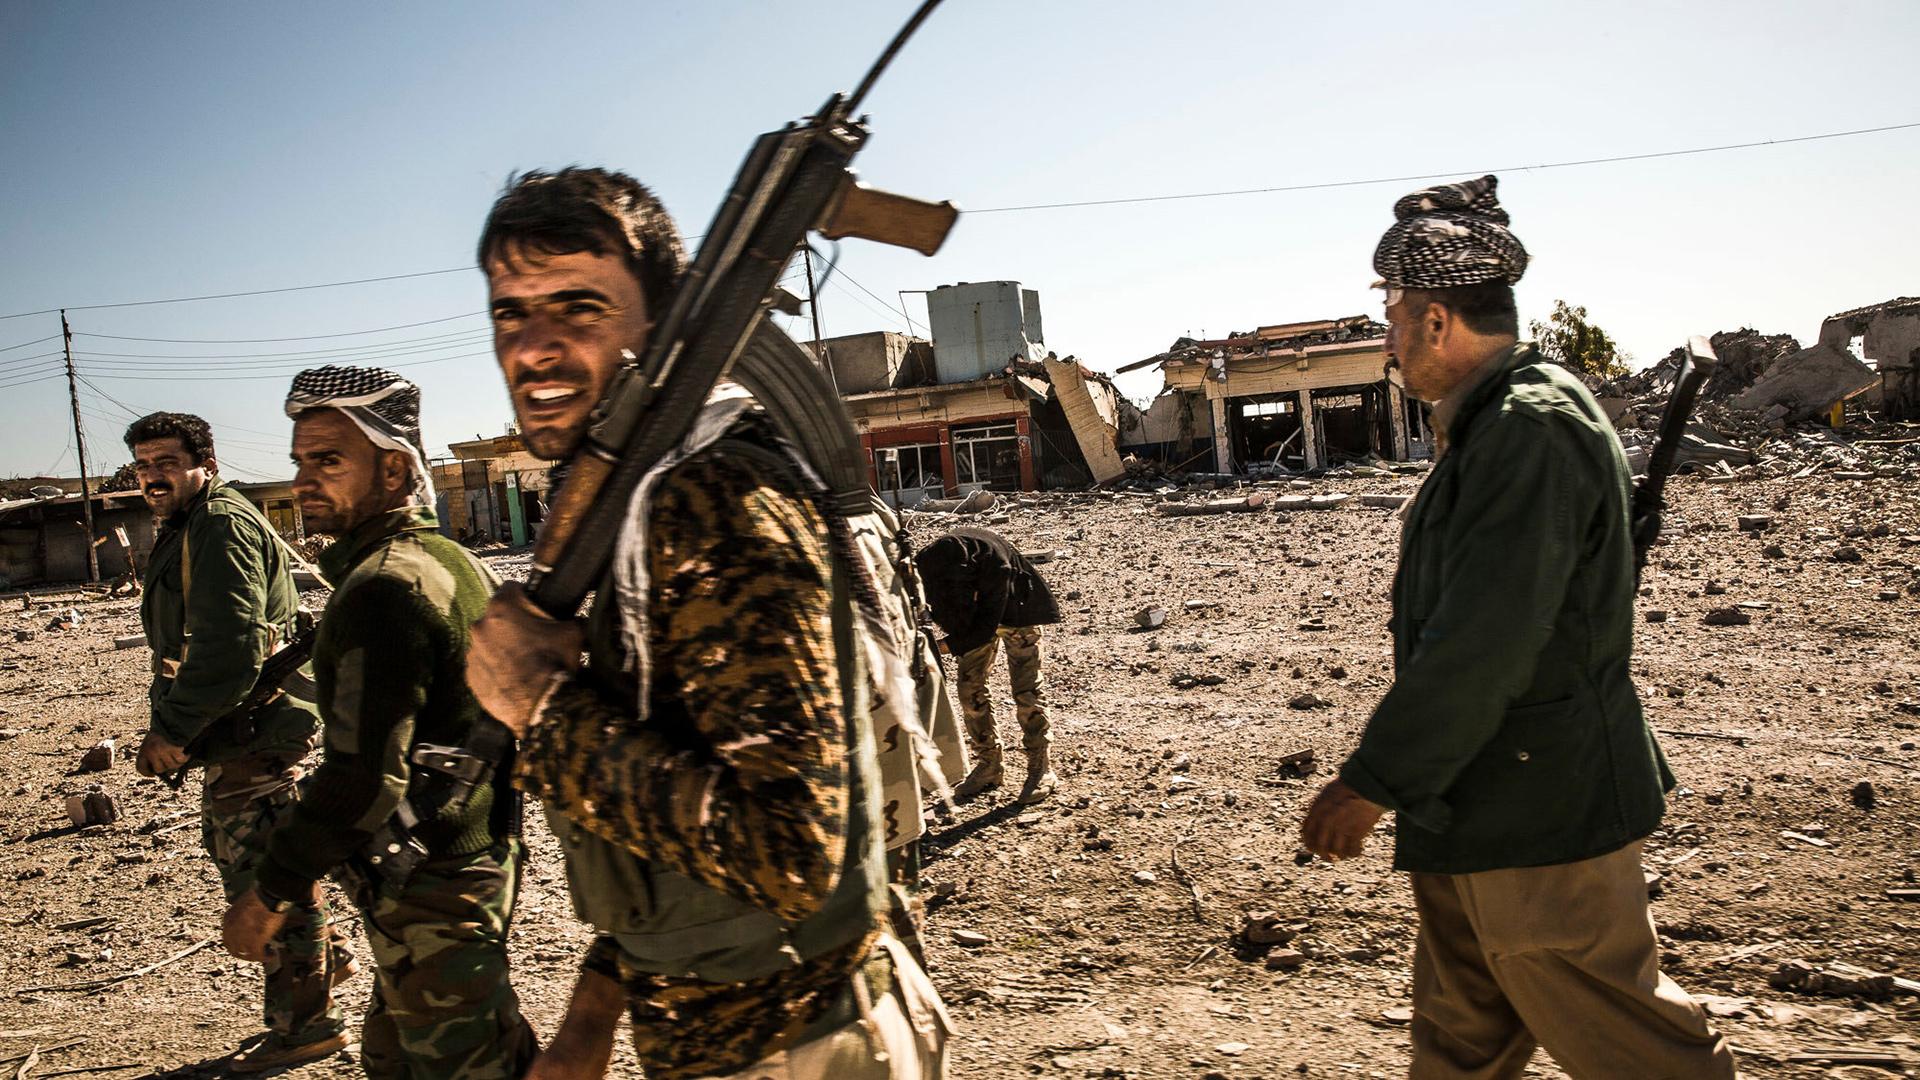 Los soldados kurdos lideran una coalición en la que también combaten árabes y que está apoyada por la coalición internacional que dirige Estados Unidos